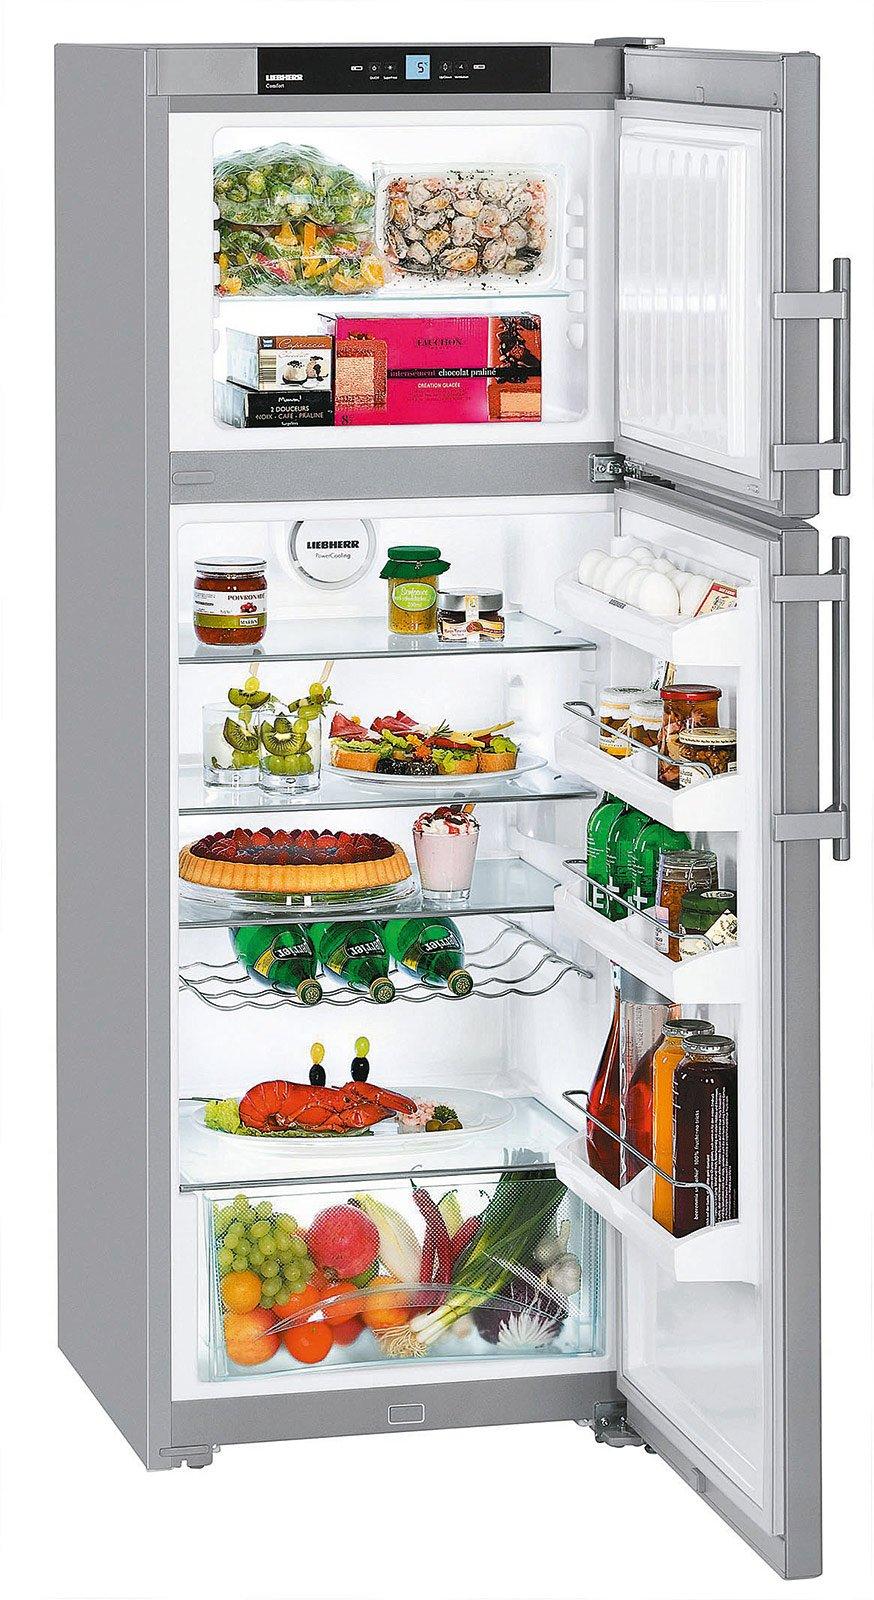 Frigo Smeg Anni 50 Piccolo frigorifero e congelatore in poco spazio - cose di casa